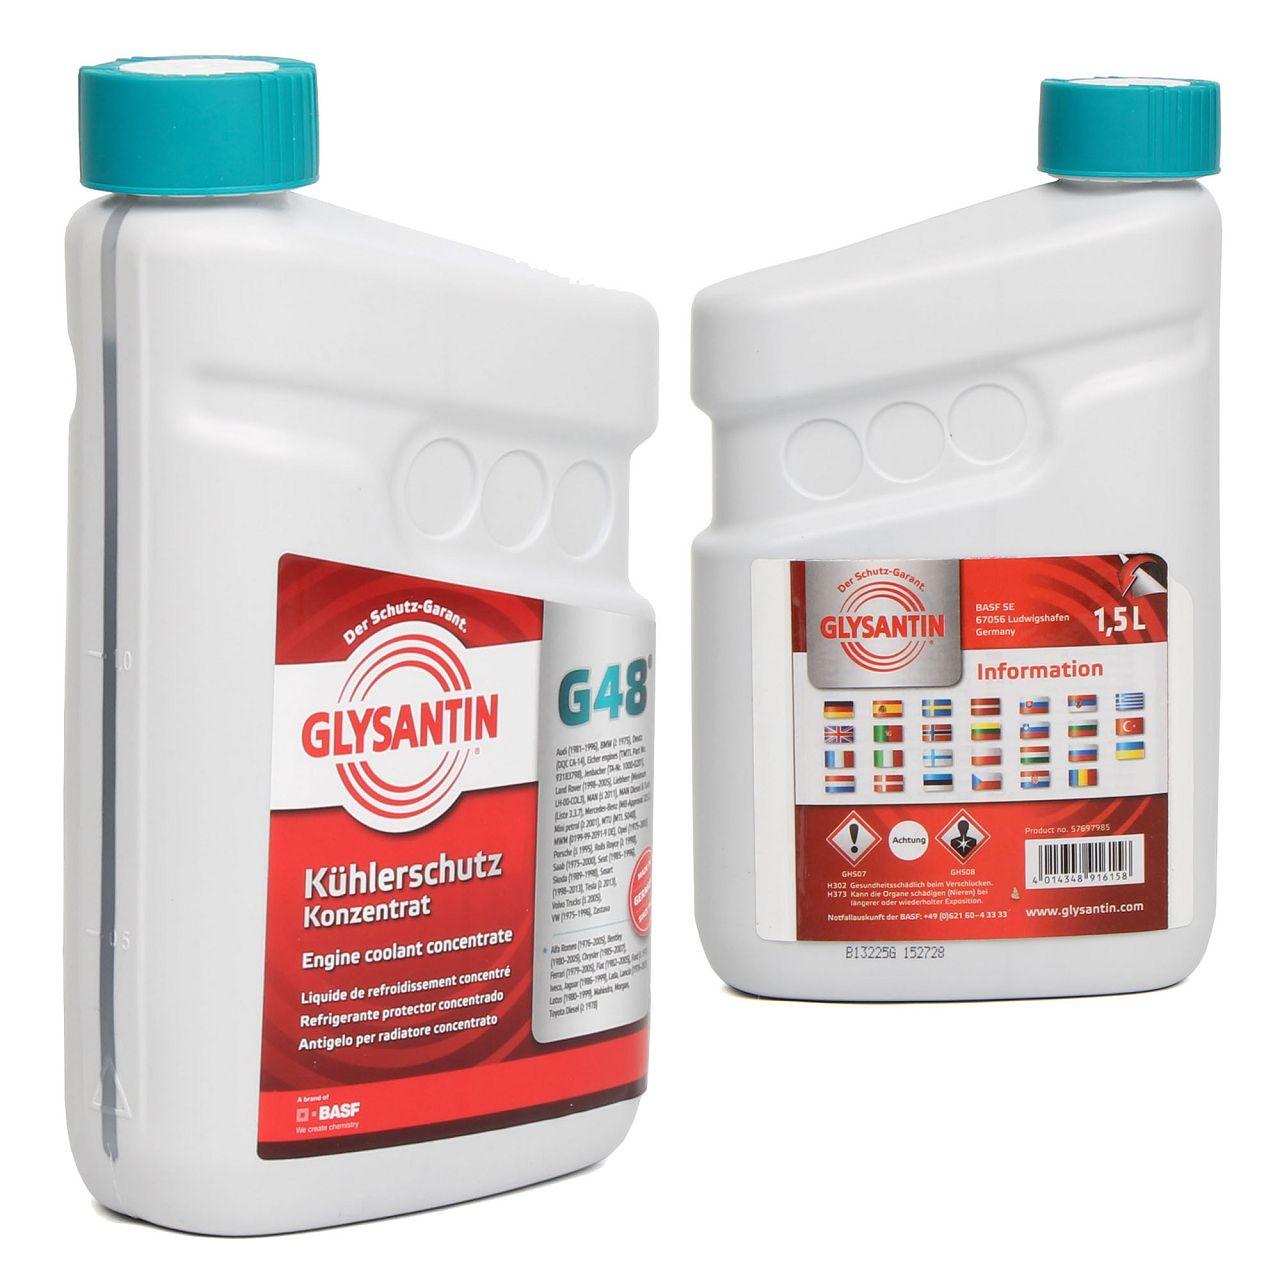 BASF GLYSANTIN Frostschutz Kühlerfrostschutz Konzentrat G48 BLAU/GRÜN 3,0 L